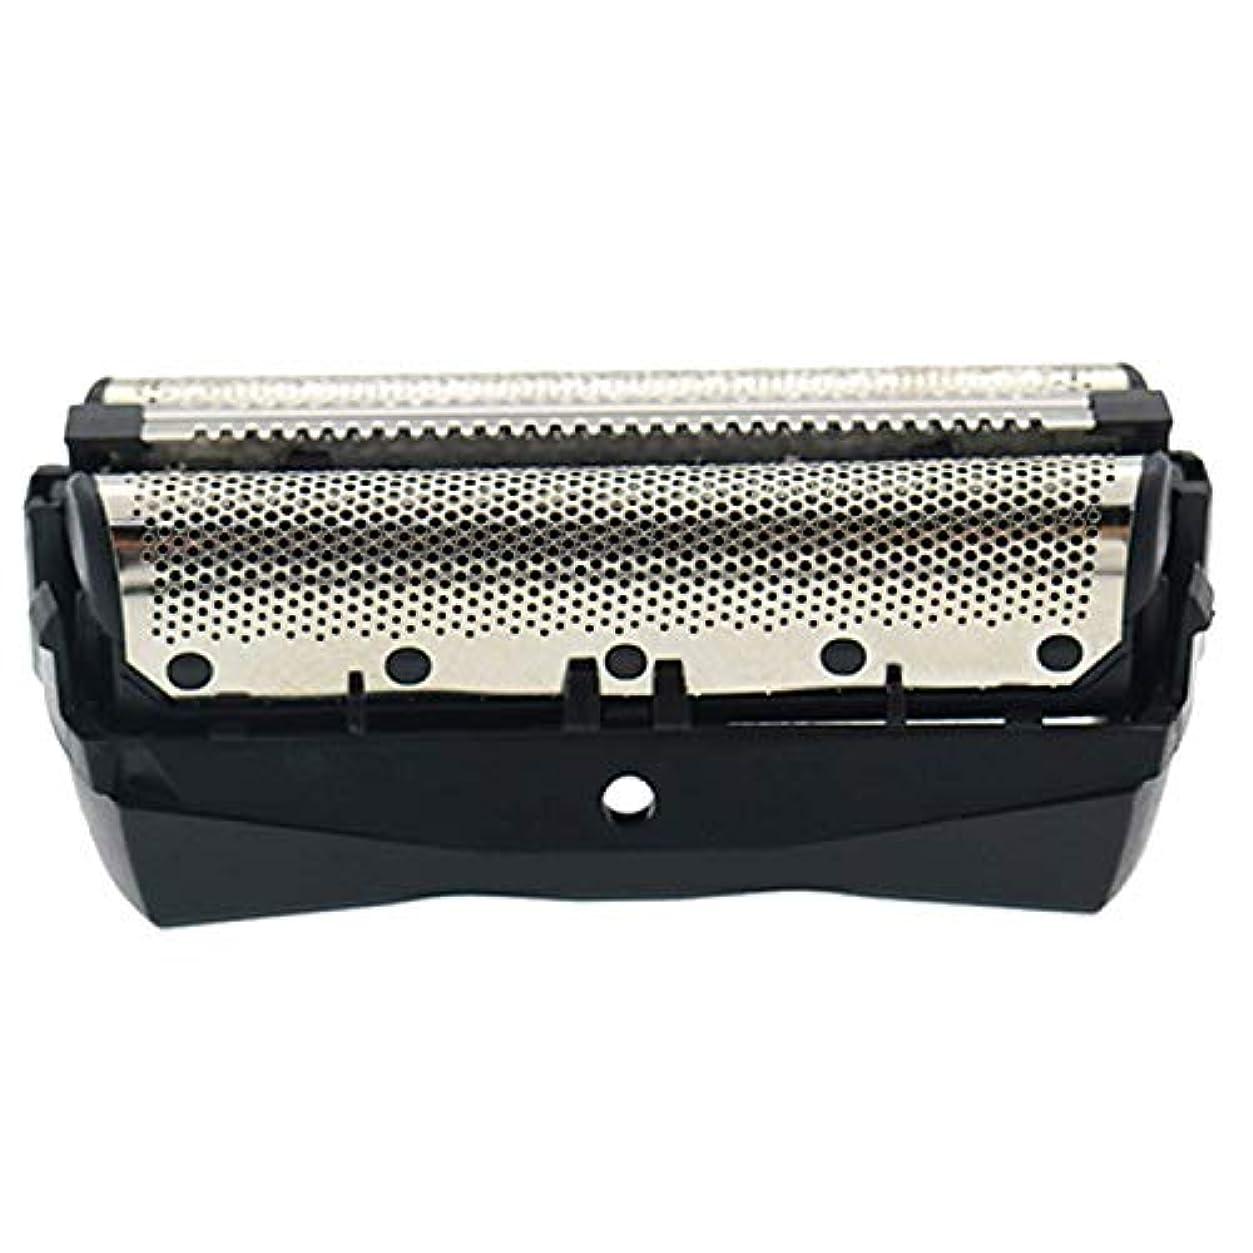 ステレオタイプタバコ橋脚VINFANY メンズシェーバー用替刃(外刃) 適用する フィリップスQC5550用交換シェーバーフォイル/カッターユニットシェーバーヘッドQC5580メンズトリマー用回転ブレード